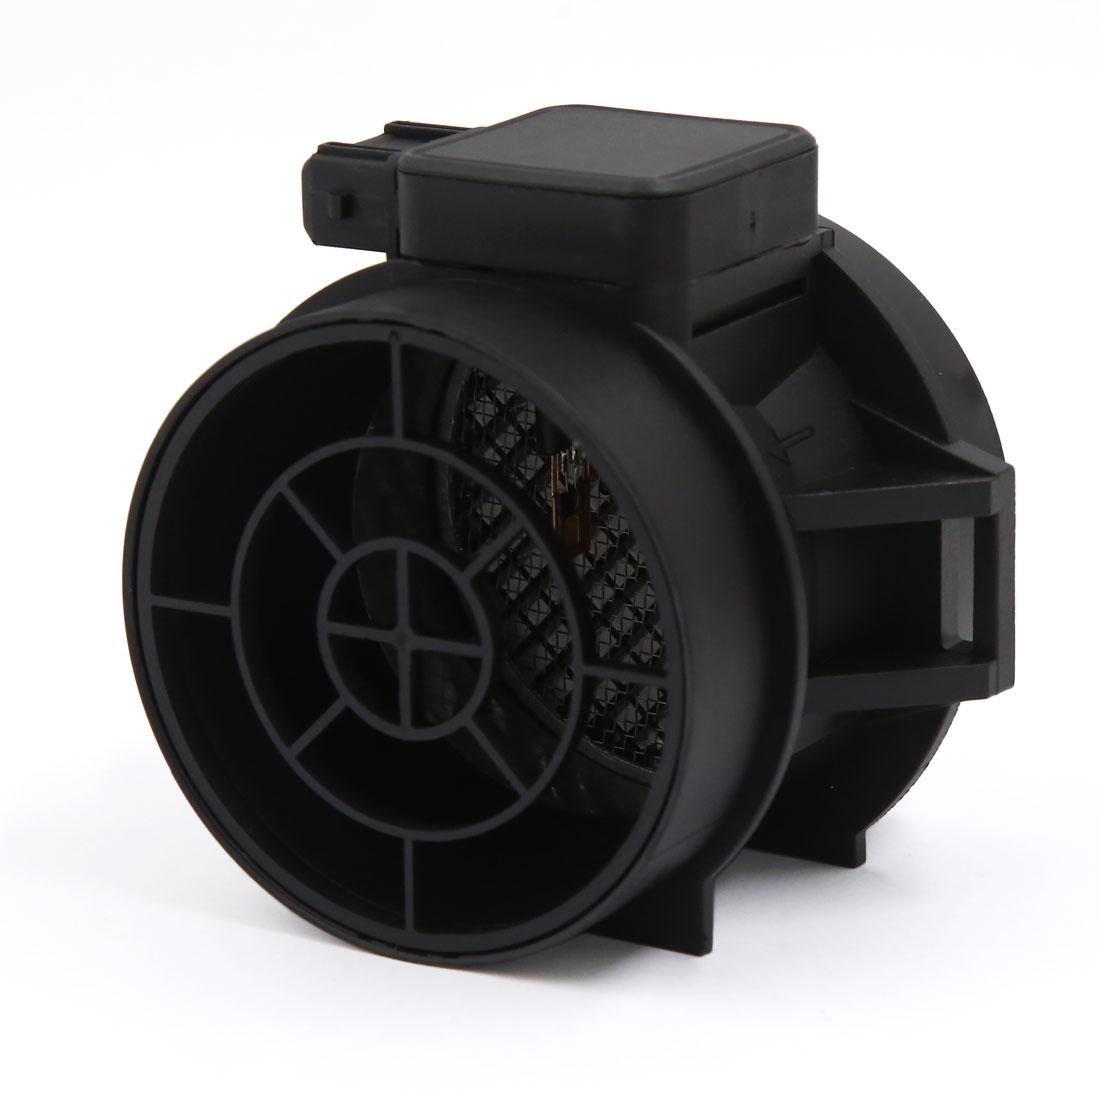 Mass Air Flow Meter MAF Sensor For BMW KIA HYUNDAI 1 432 356 / 13 62 1 432 356 / 28164-37100 / OK5581321 / OK55813210